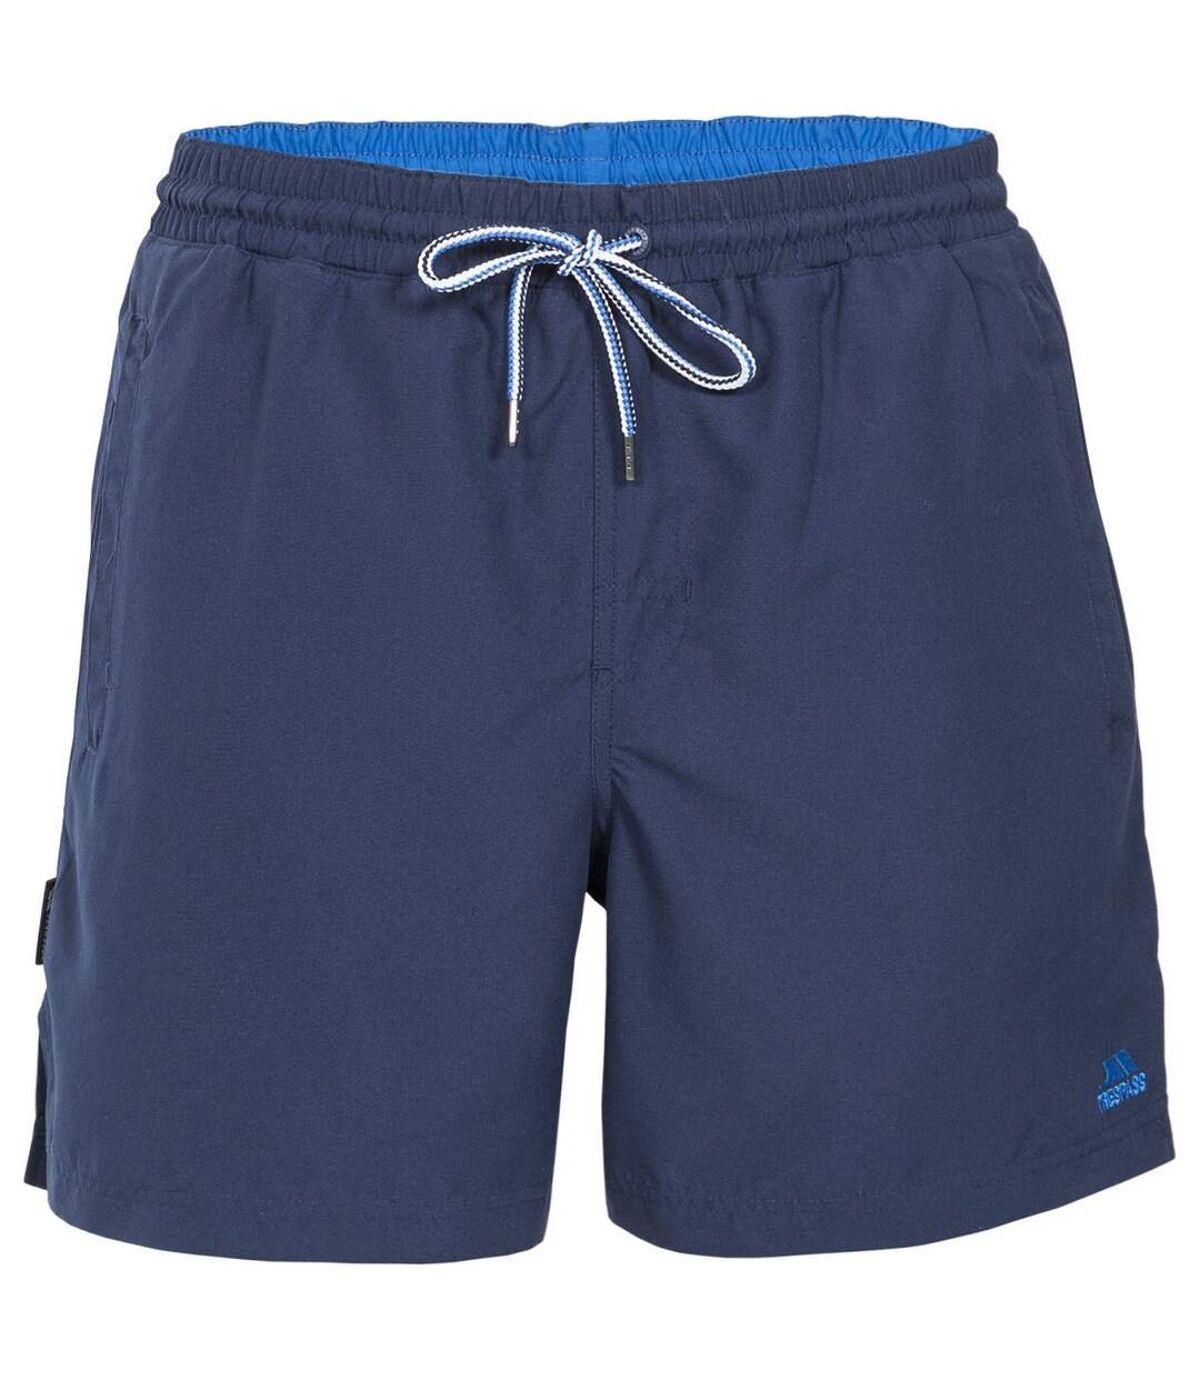 Trespass Mens Granvin Casual Shorts (Navy) - UTTP3326